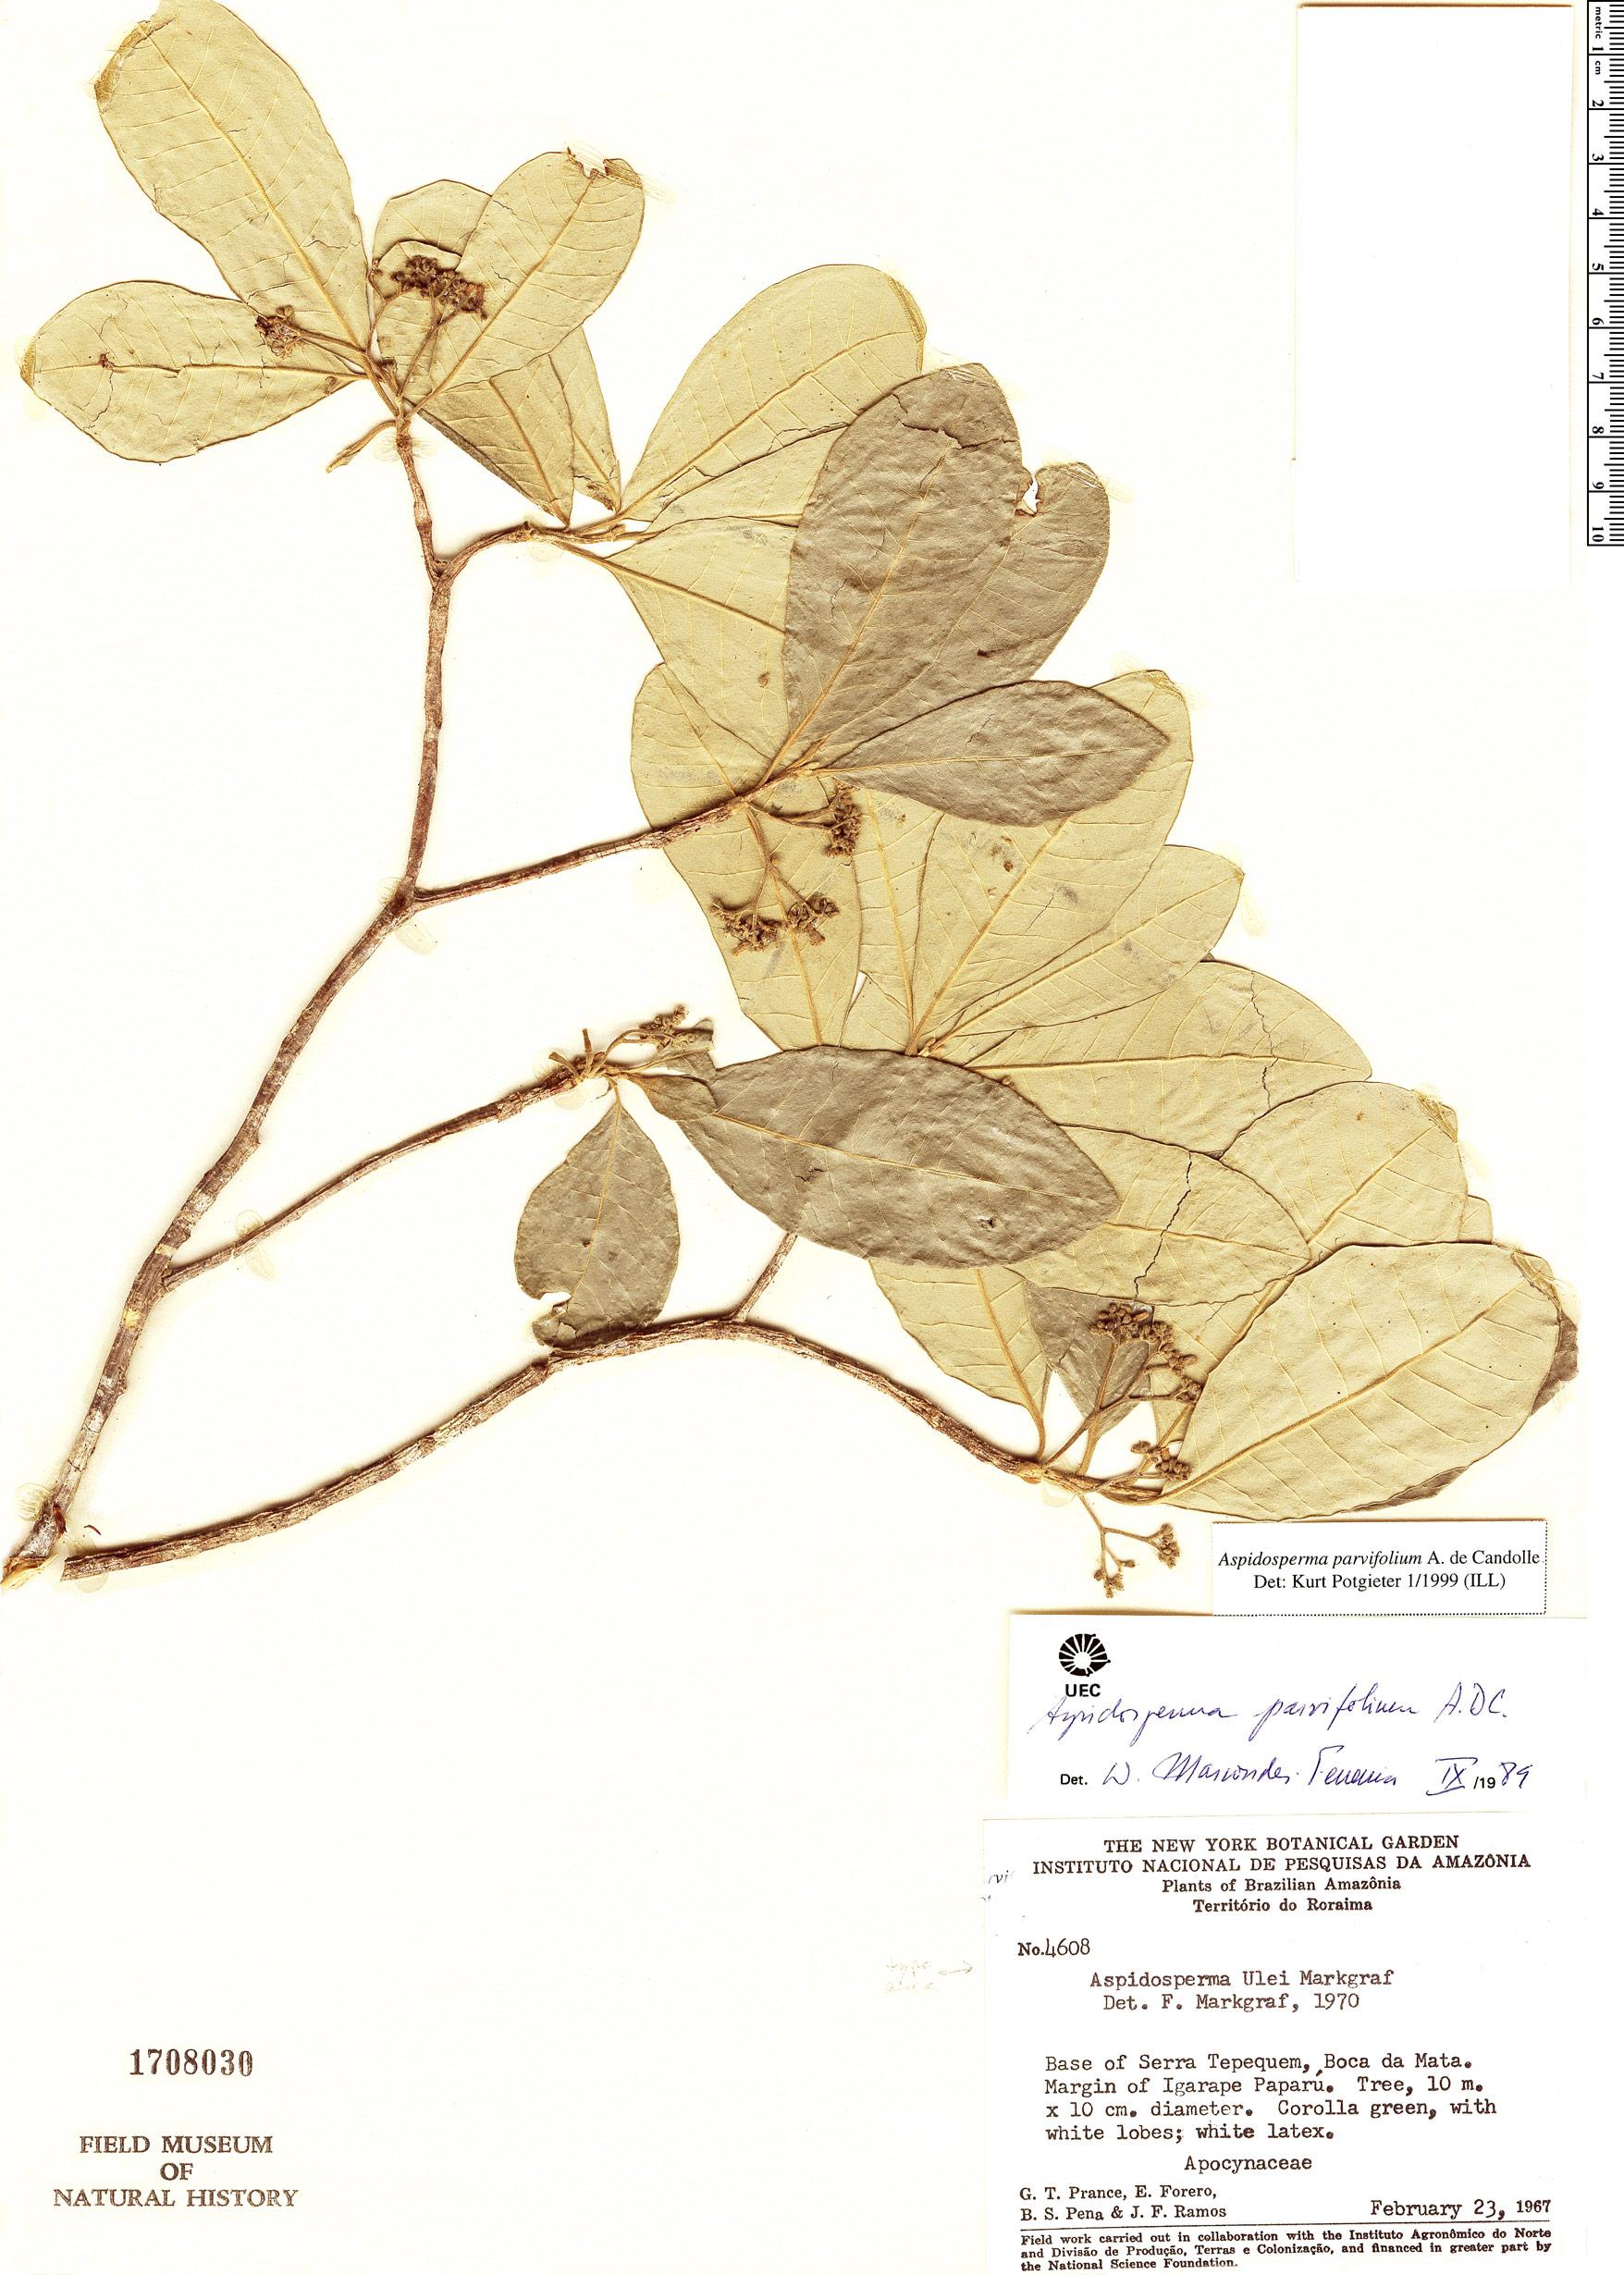 Espécimen: Aspidosperma parvifolium